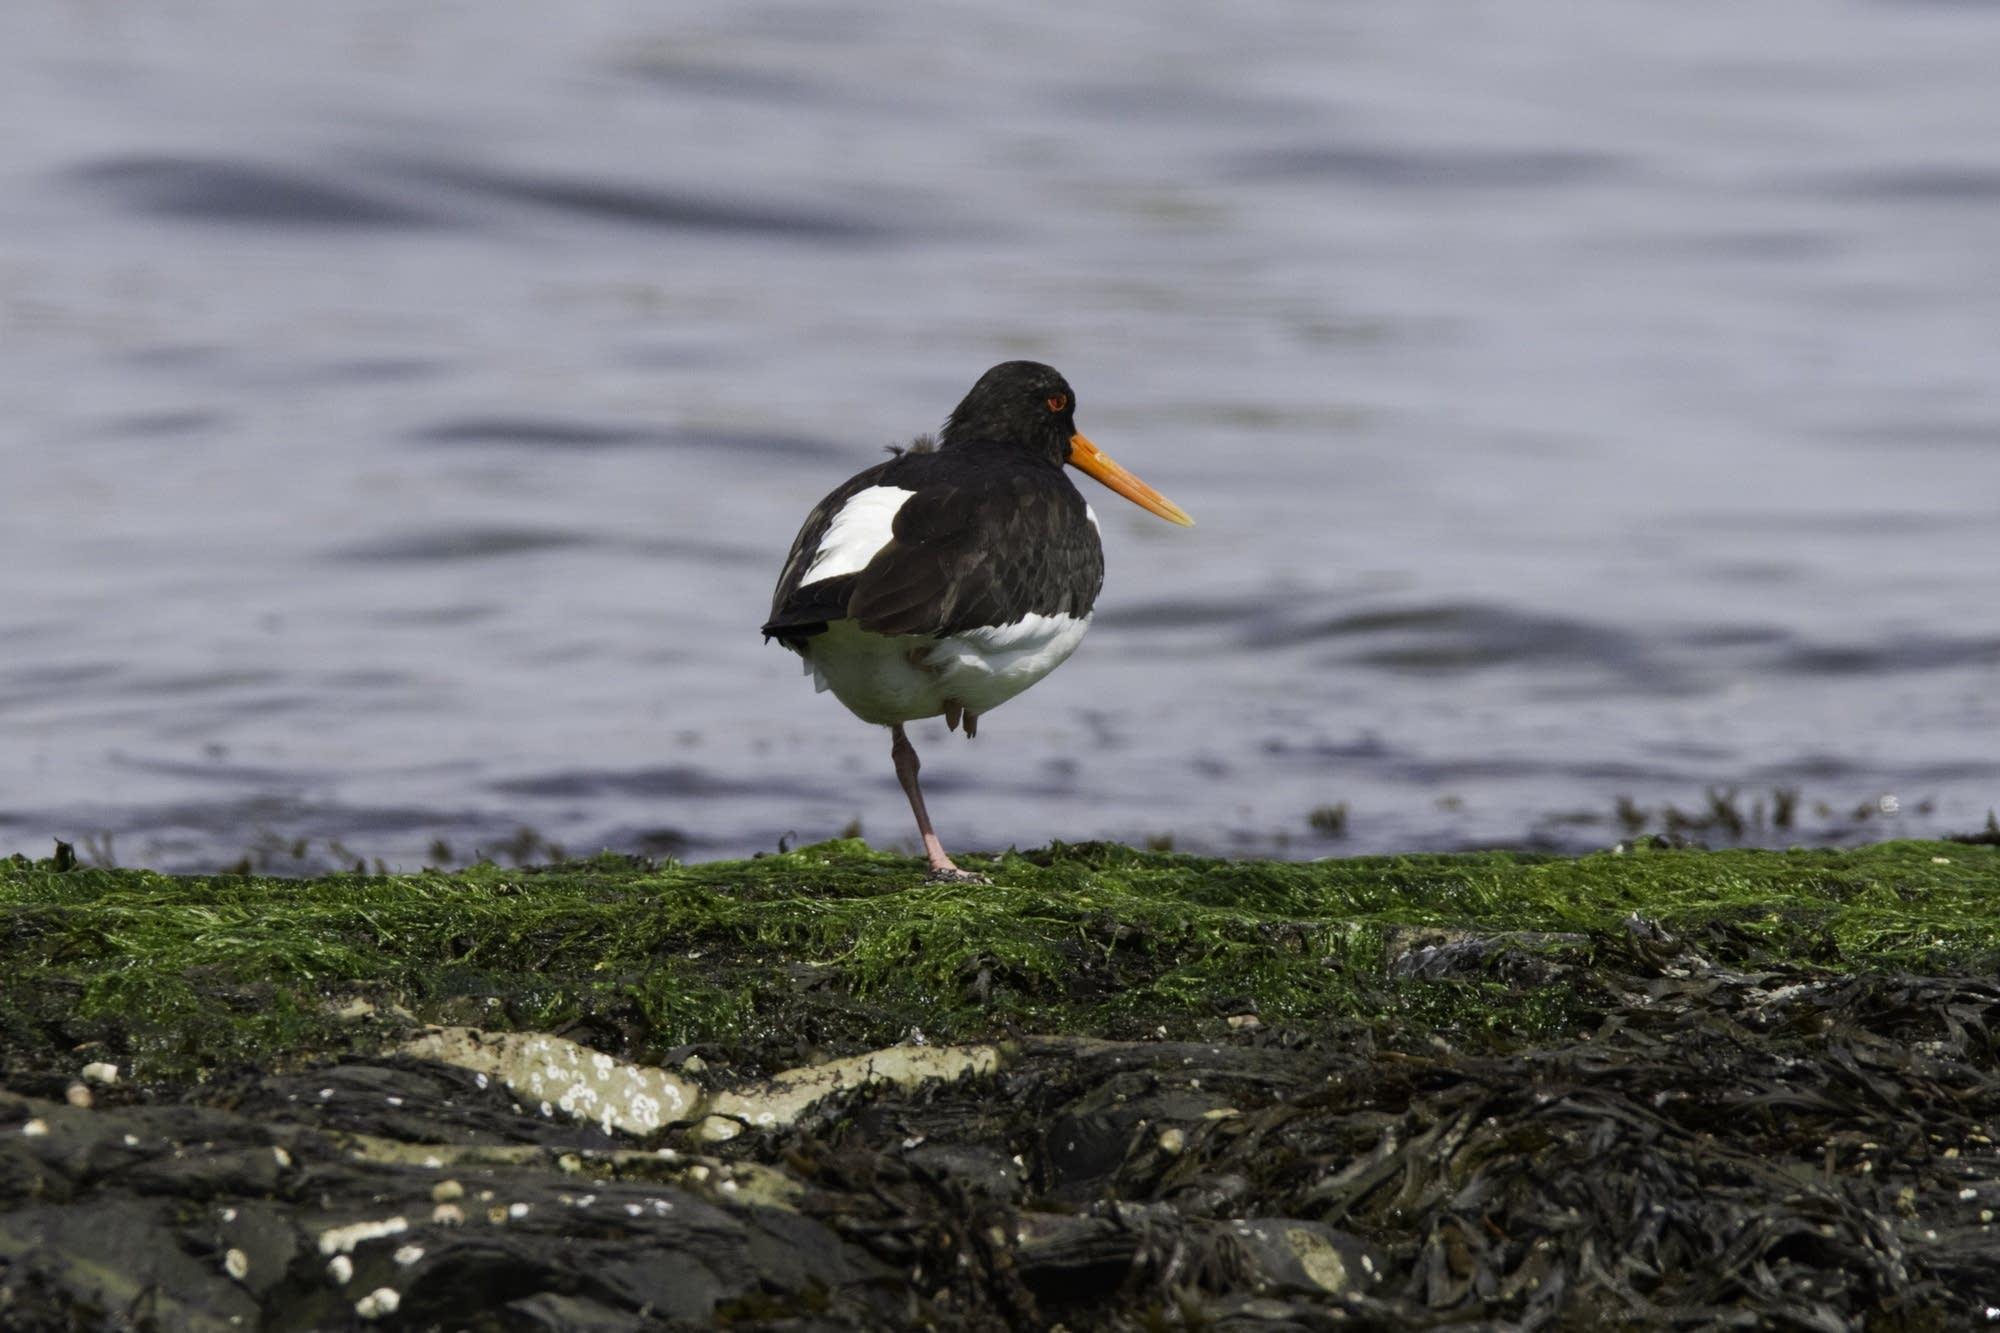 Oslo - 27 - bird on one leg